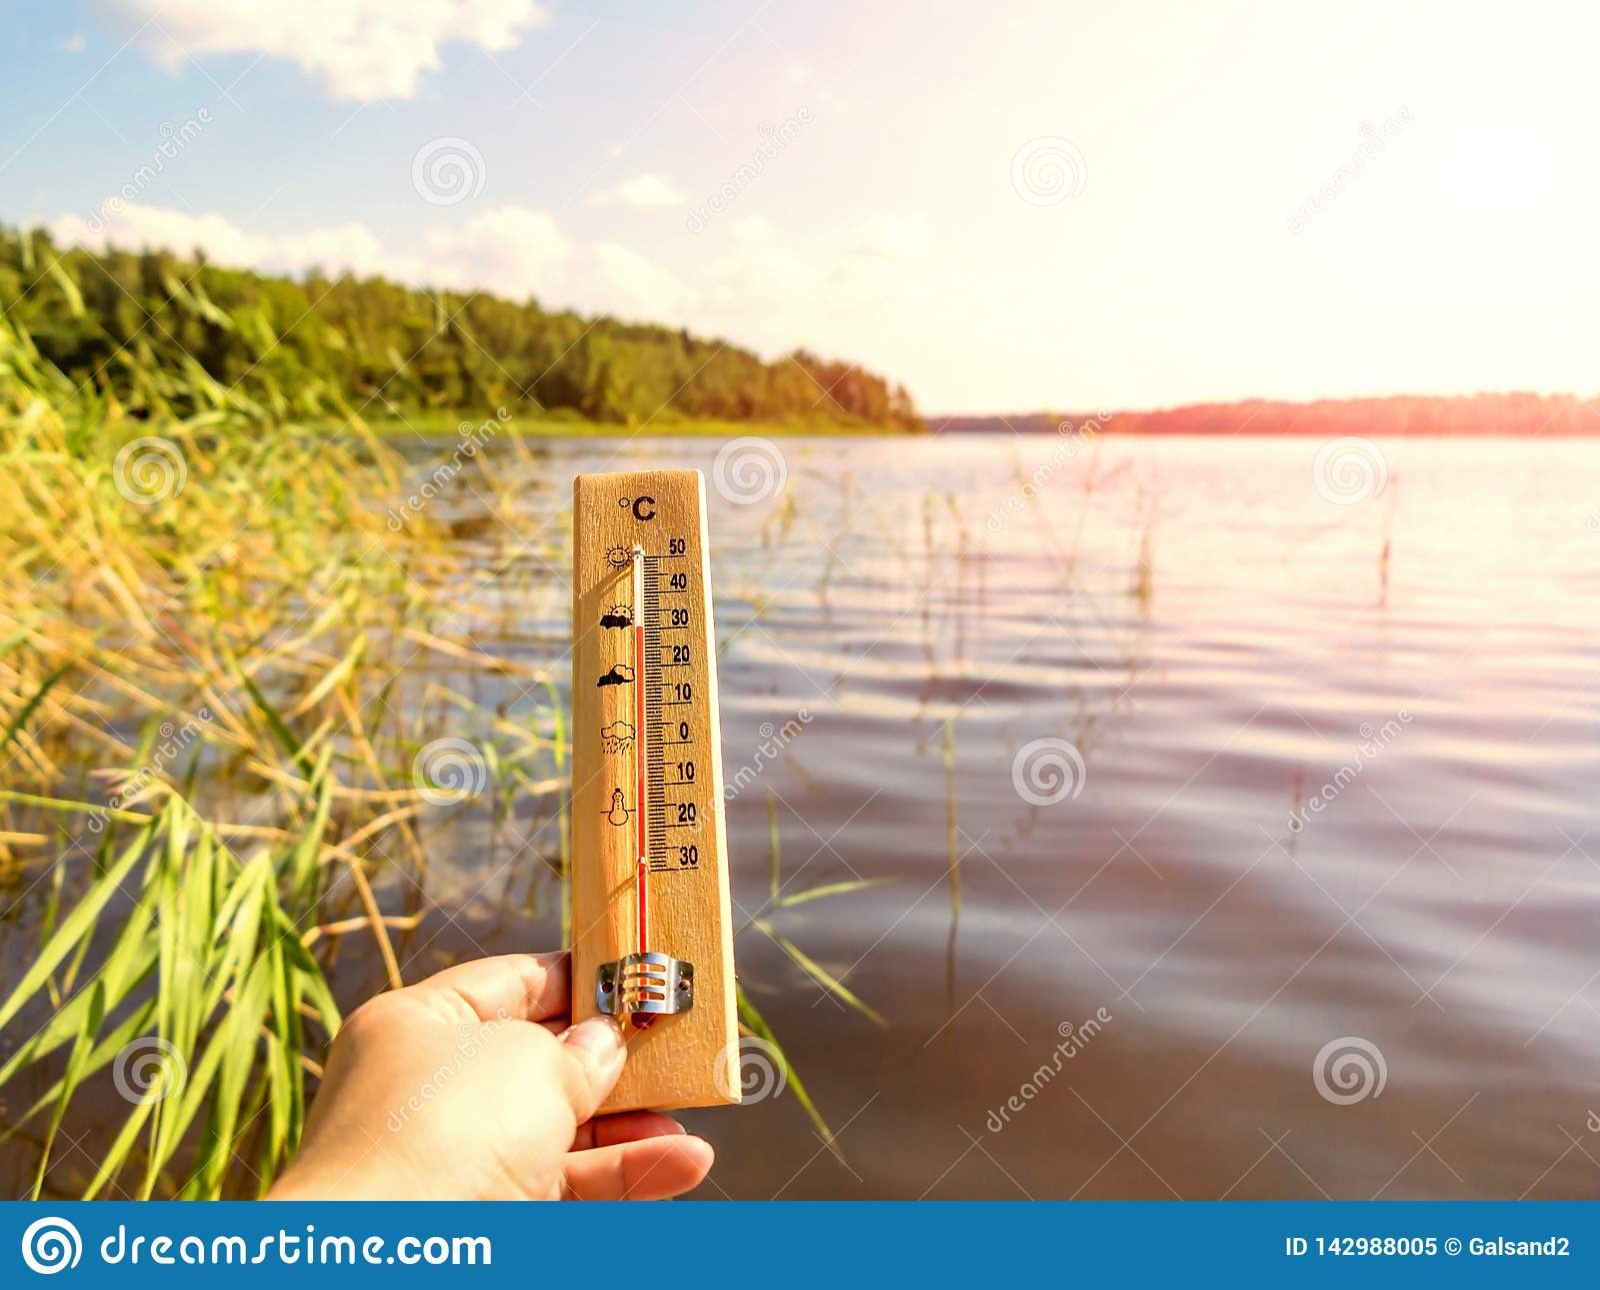 Termometervisning som 30 grader är celsius av värme mot bakgrunden av sjövattnet och den blåa himlen i solljus